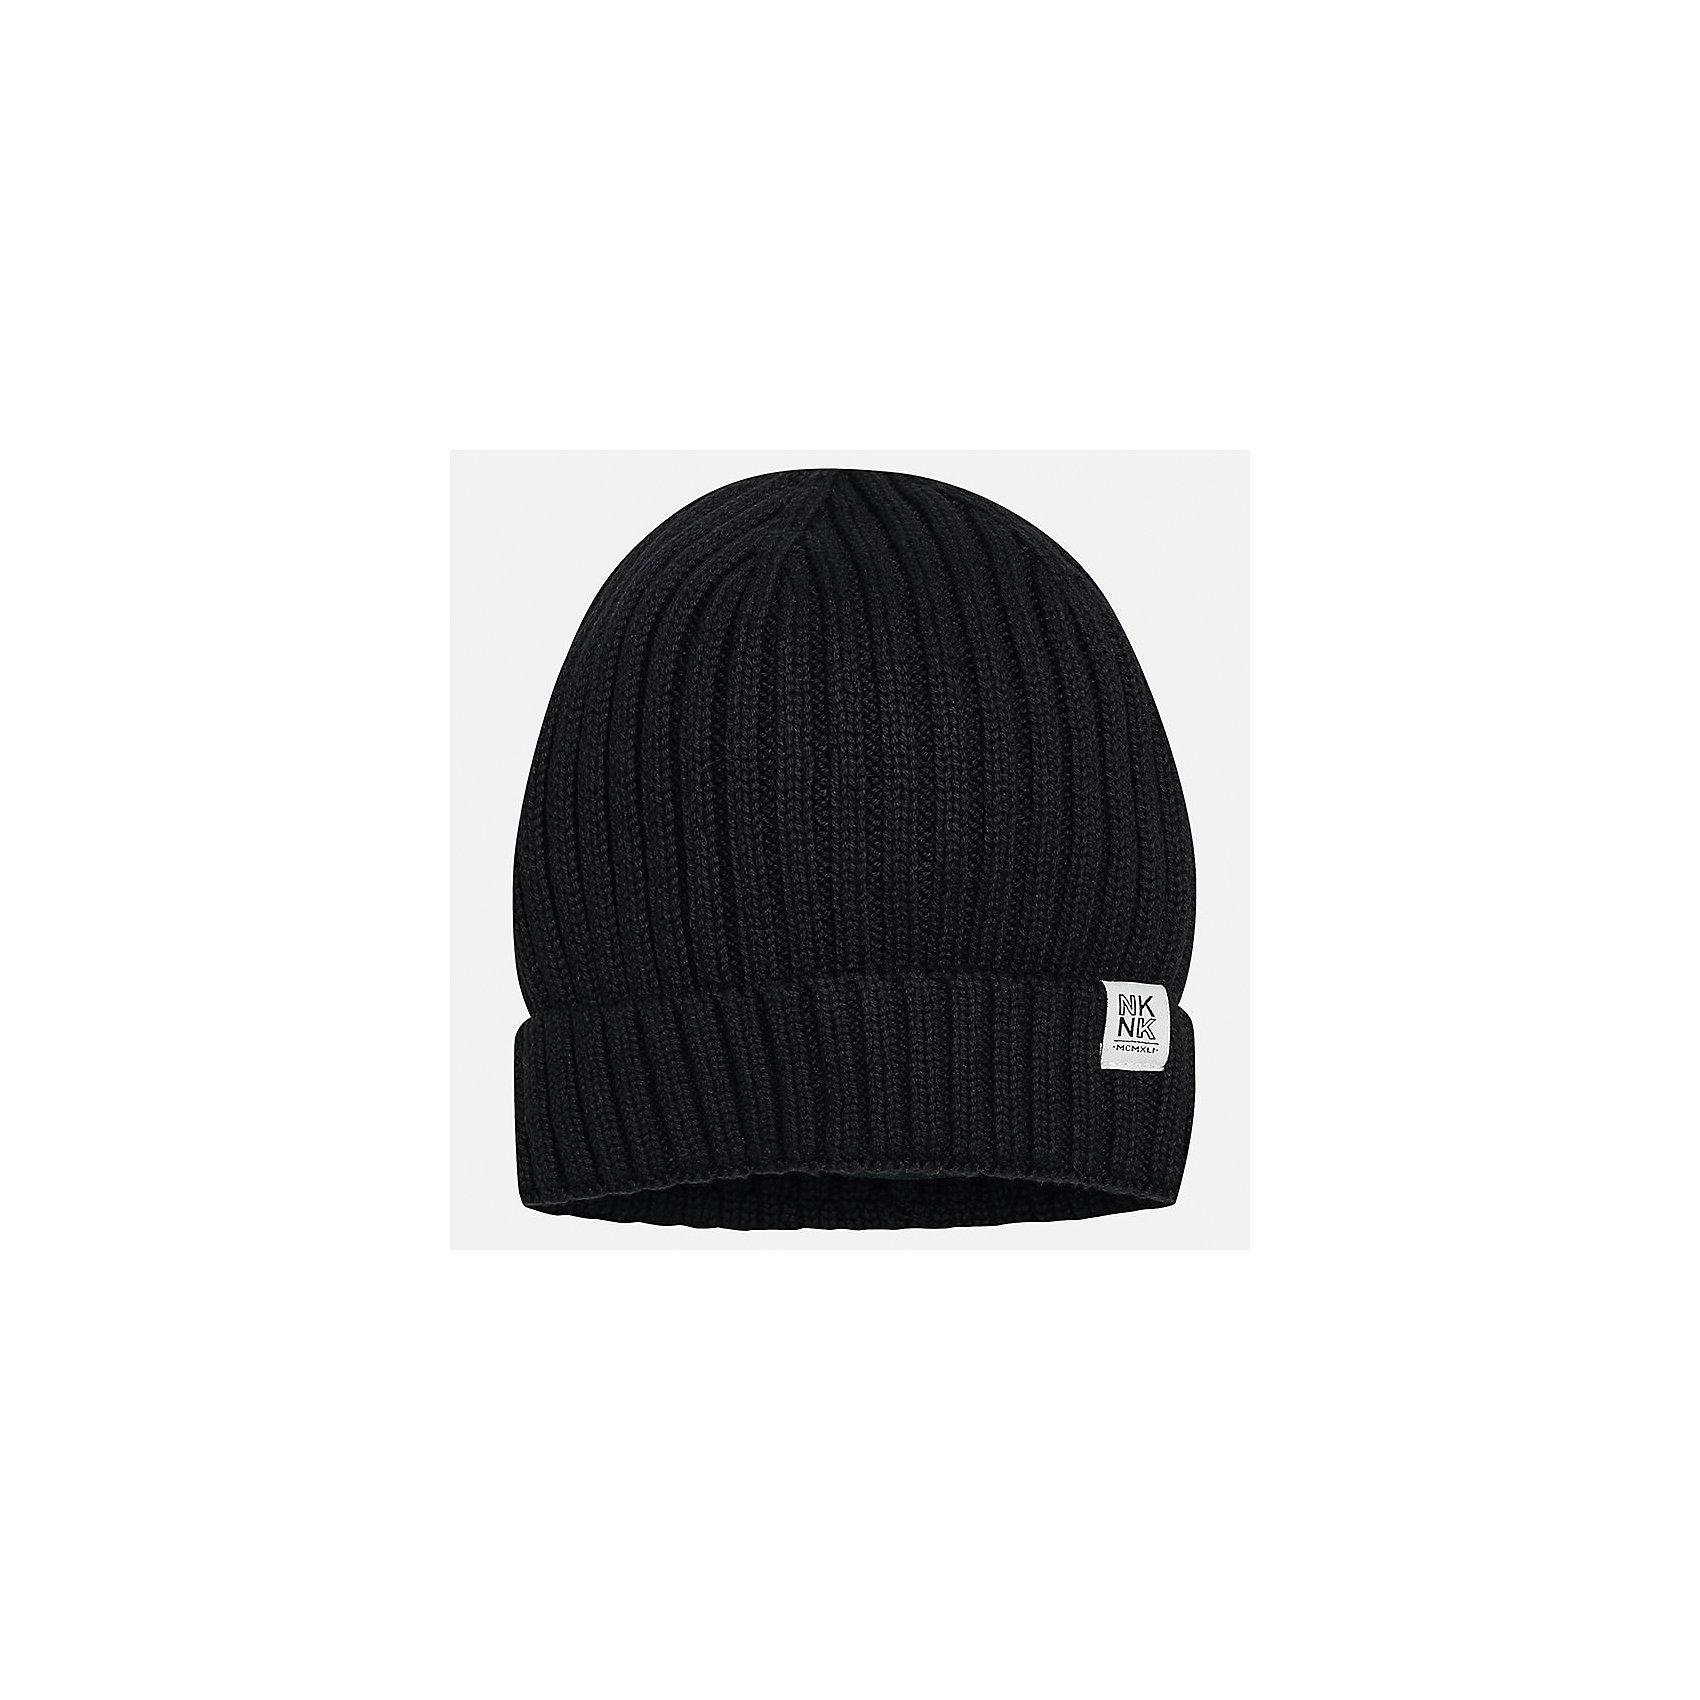 Шапка для мальчика MayoralДемисезонные<br>Характеристики товара:<br><br>• цвет: черный<br>• состав ткани: 100% хлопок<br>• сезон: демисезон<br>• комплектация: шапка, шарф<br>• страна бренда: Испания<br>• страна изготовитель: Индия<br><br>Черная вязаная шапка мальчика от популярного бренда Mayoral отличается натуральным материалом из хлопка. Детская демисезонная шапка смотрится аккуратно и стильно. В детской демисезонной одежде от испанской компании Майорал ребенок будет выглядеть модно, а чувствовать себя - комфортно. Целая команда европейских талантливых дизайнеров работала над созданием этой шапки для ребенка. <br><br>Шапку для мальчика Mayoral (Майорал) можно купить в нашем интернет-магазине.<br><br>Ширина мм: 89<br>Глубина мм: 117<br>Высота мм: 44<br>Вес г: 155<br>Цвет: черный<br>Возраст от месяцев: 72<br>Возраст до месяцев: 84<br>Пол: Мужской<br>Возраст: Детский<br>Размер: 54,56,52<br>SKU: 6939382